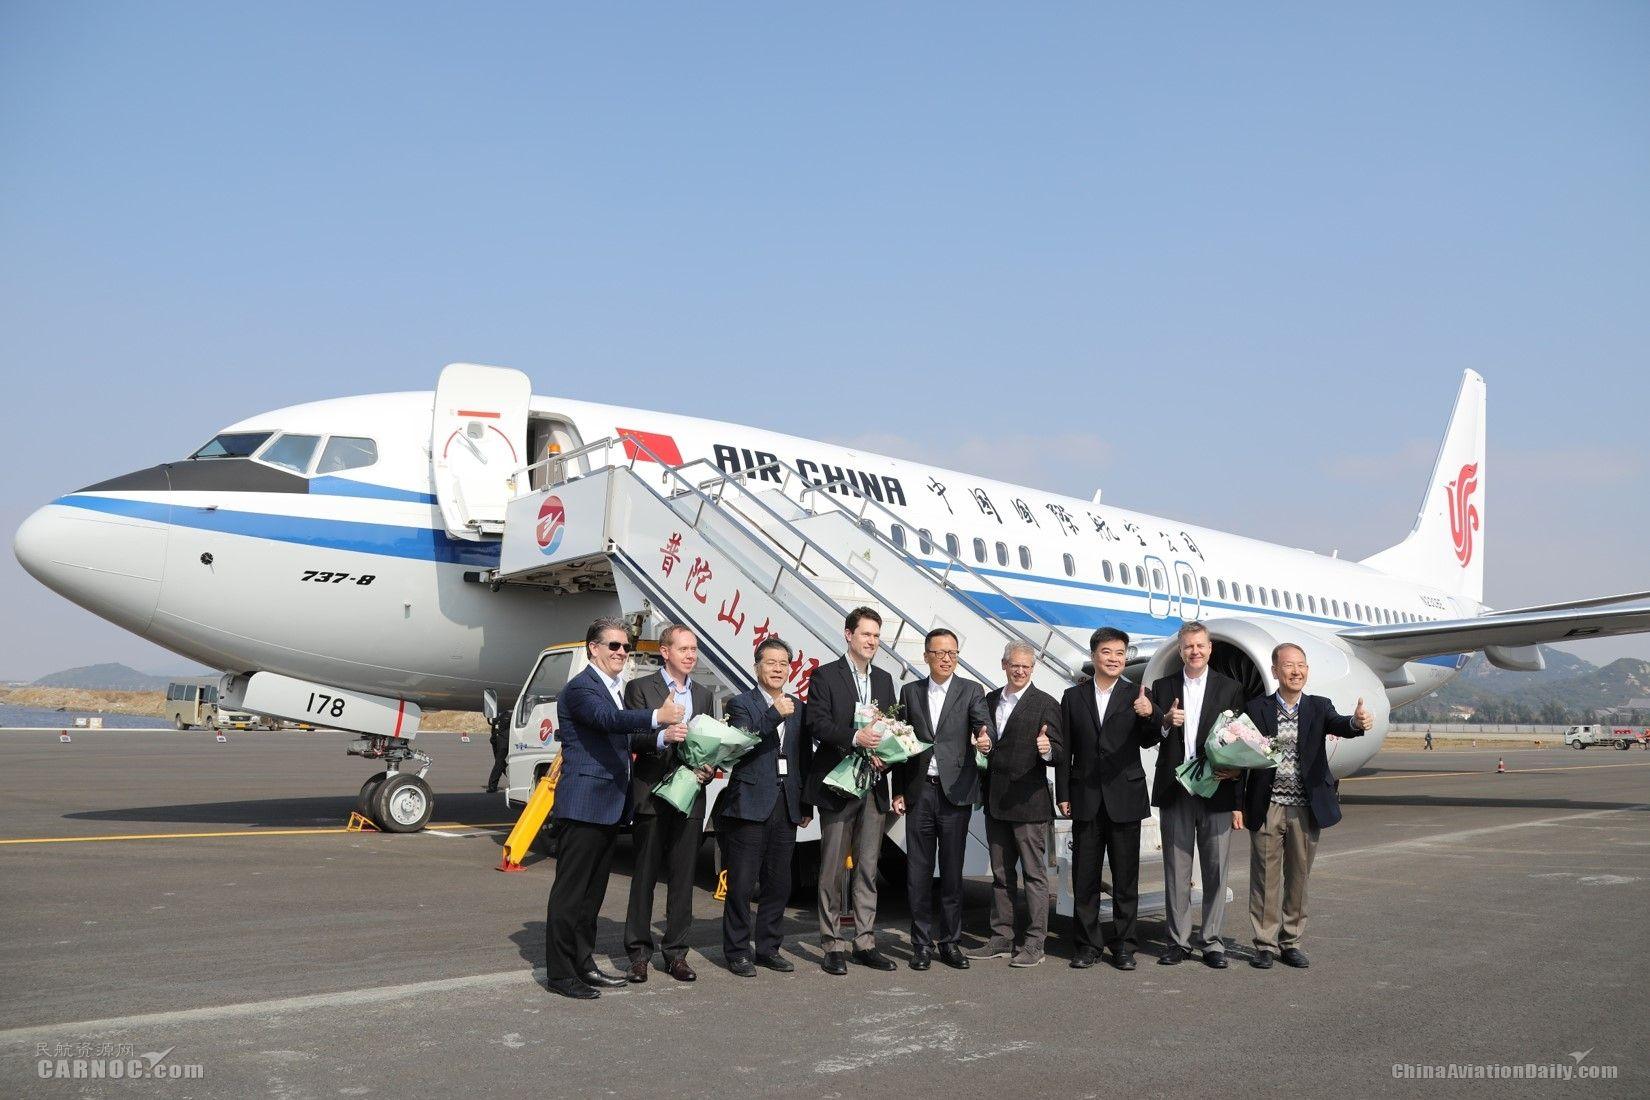 舟山市领导和波音高管欢迎737 MAX飞机的到来 波音供图